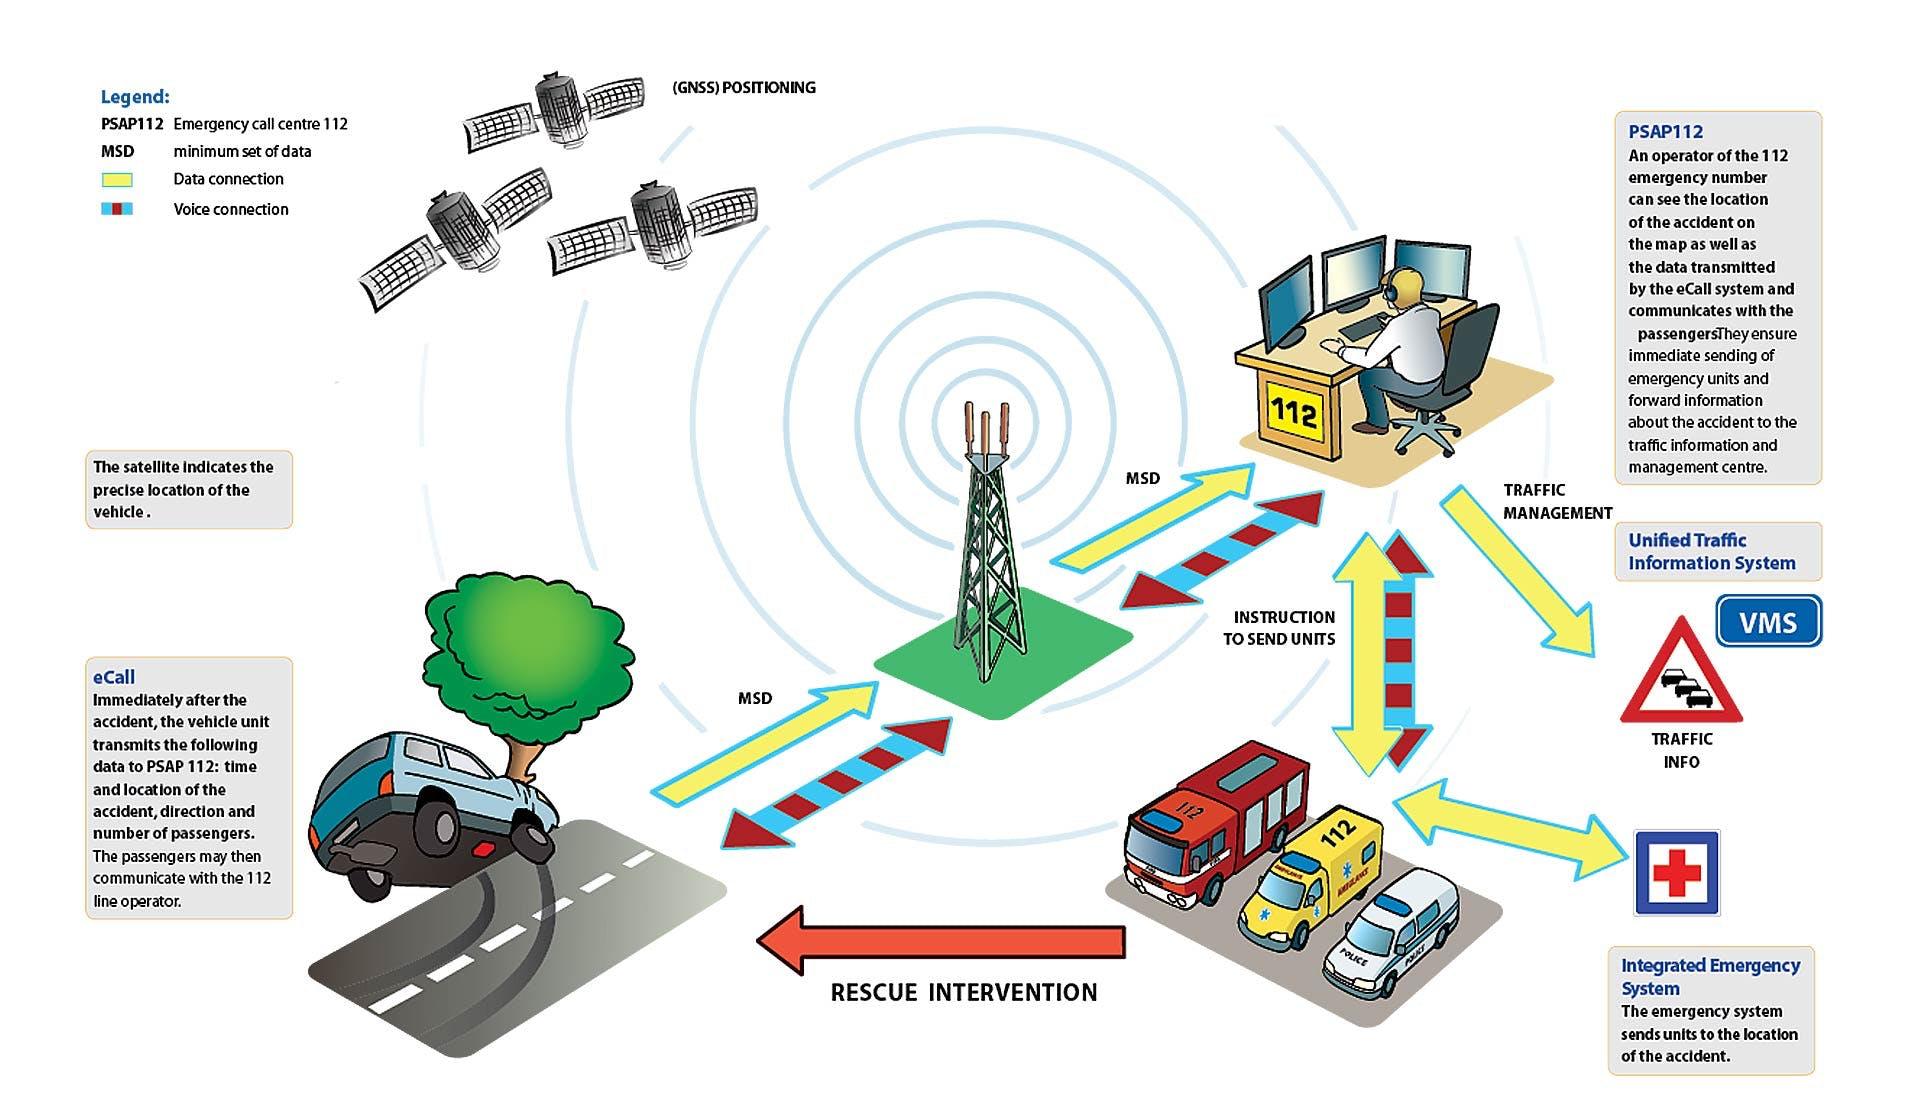 Mappa concettuale della rete di collegamento del sistema di emergenza eCall